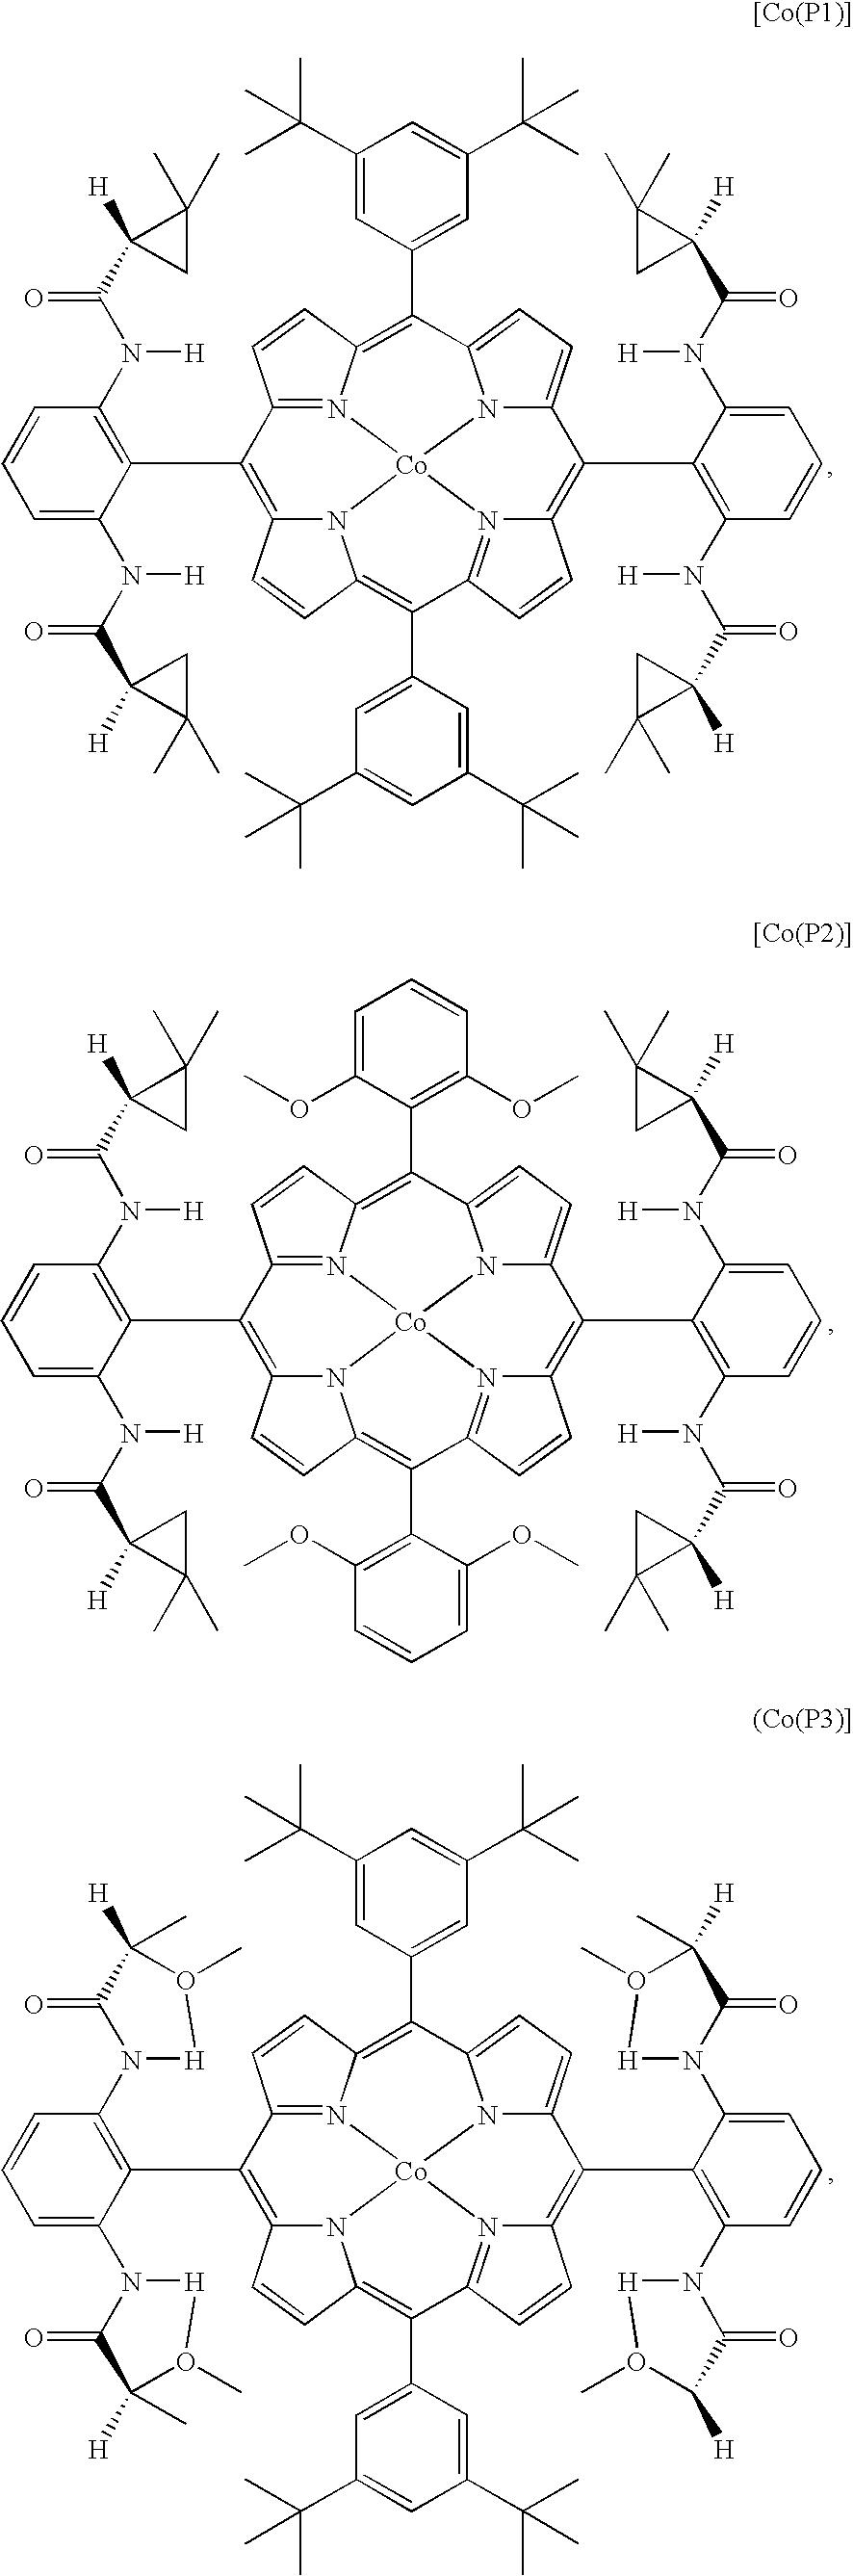 Figure US20100081838A1-20100401-C00123